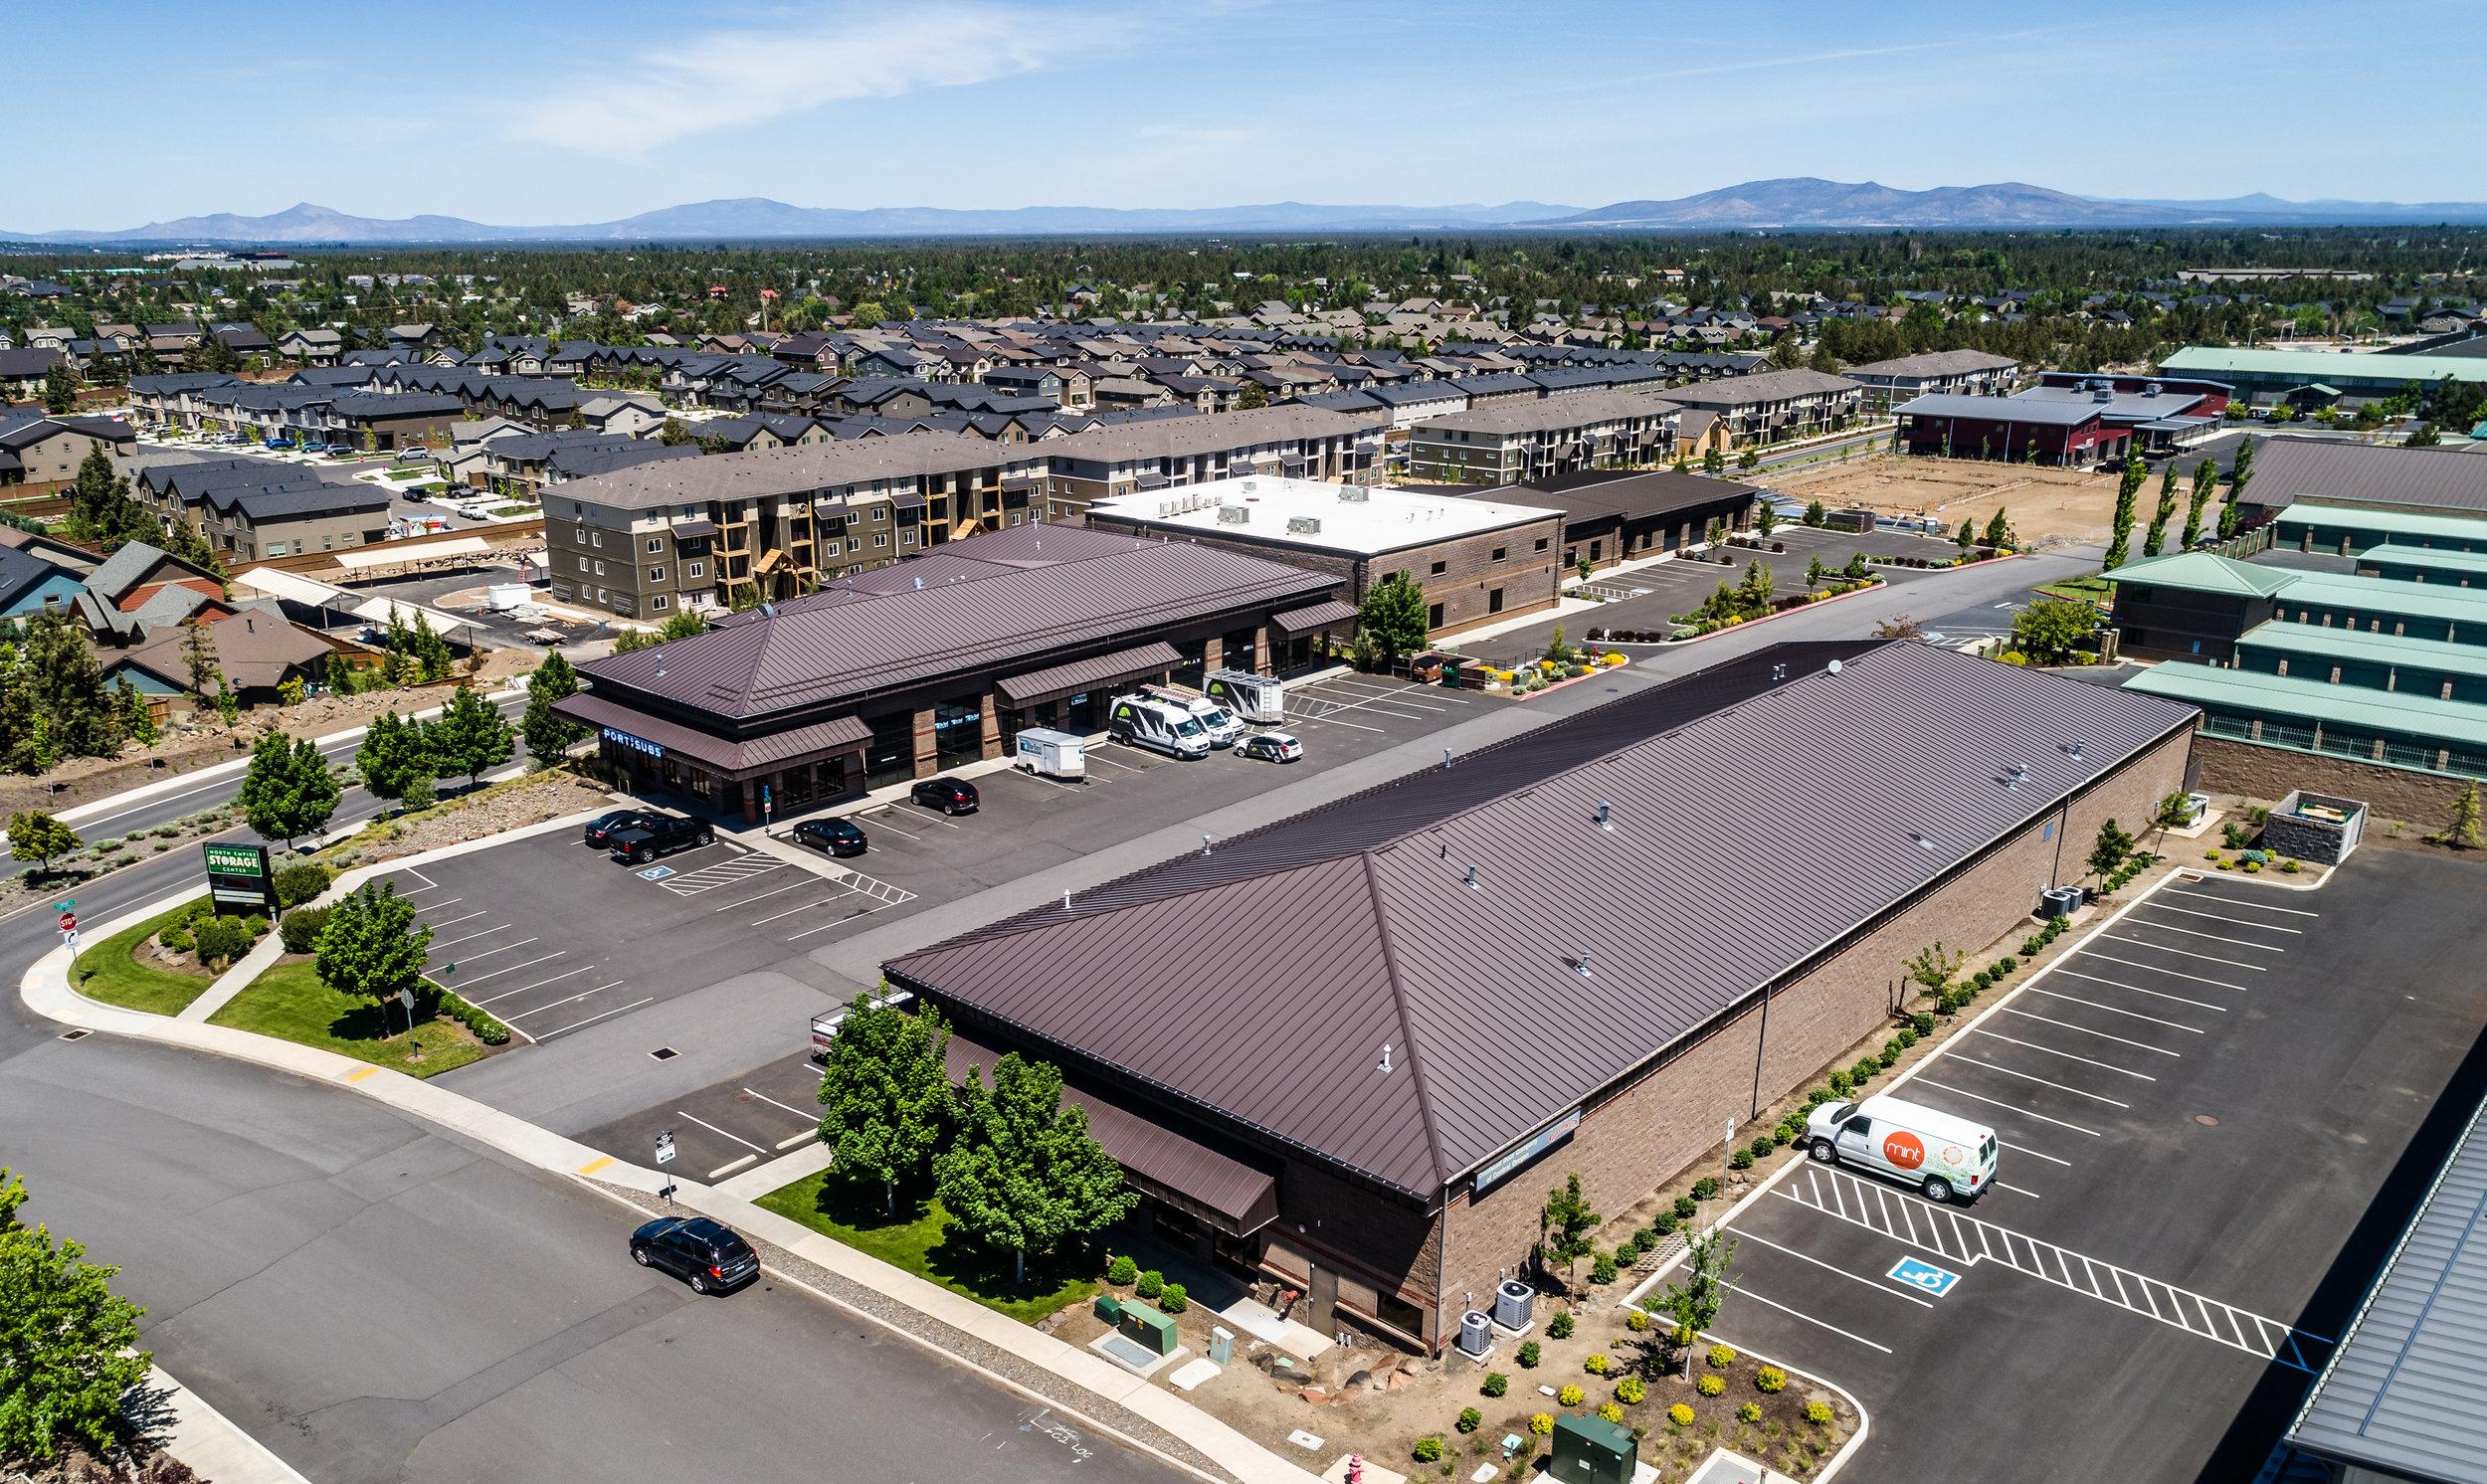 Lot 61 Drone.jpg